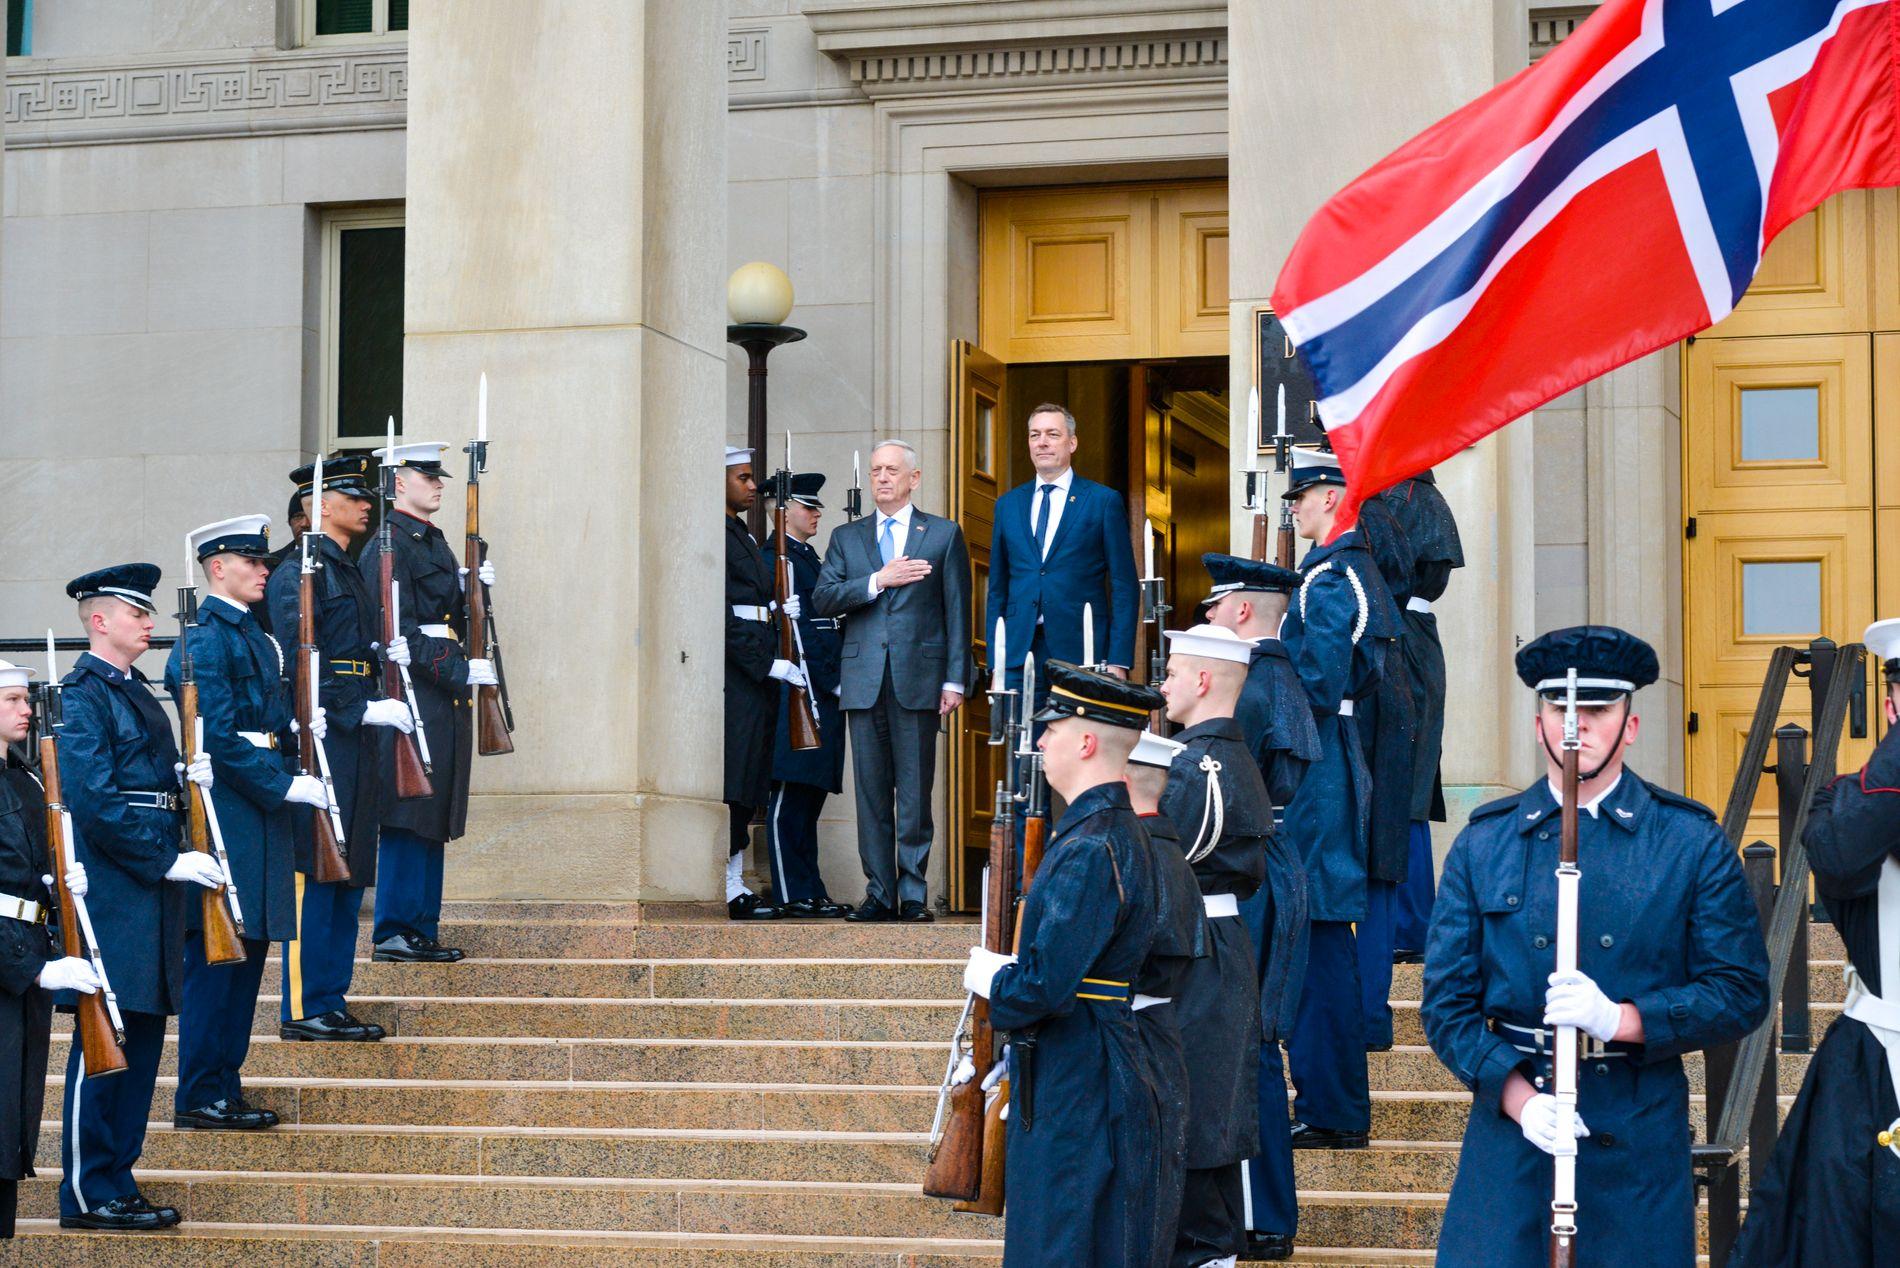 NASJONALSANGER: Utenfor Pentagon ble både den norske og den amerikanske nasjonalsangen spilte av et militærkorps.